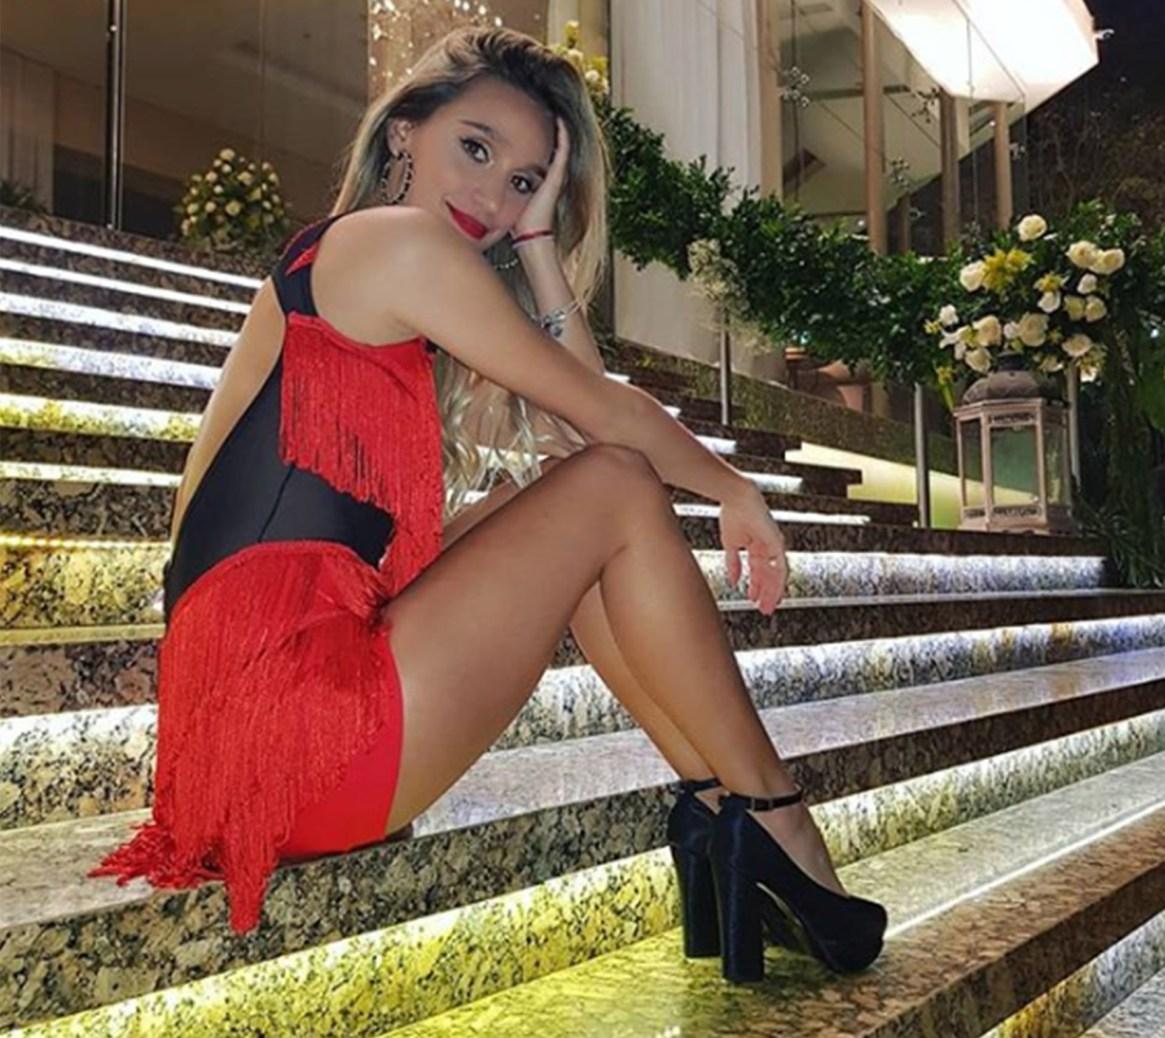 Conoció a Noya cuatro años atrás; también tuvo vínculo con Romina Sorrenti, pero solo como pareja del actor